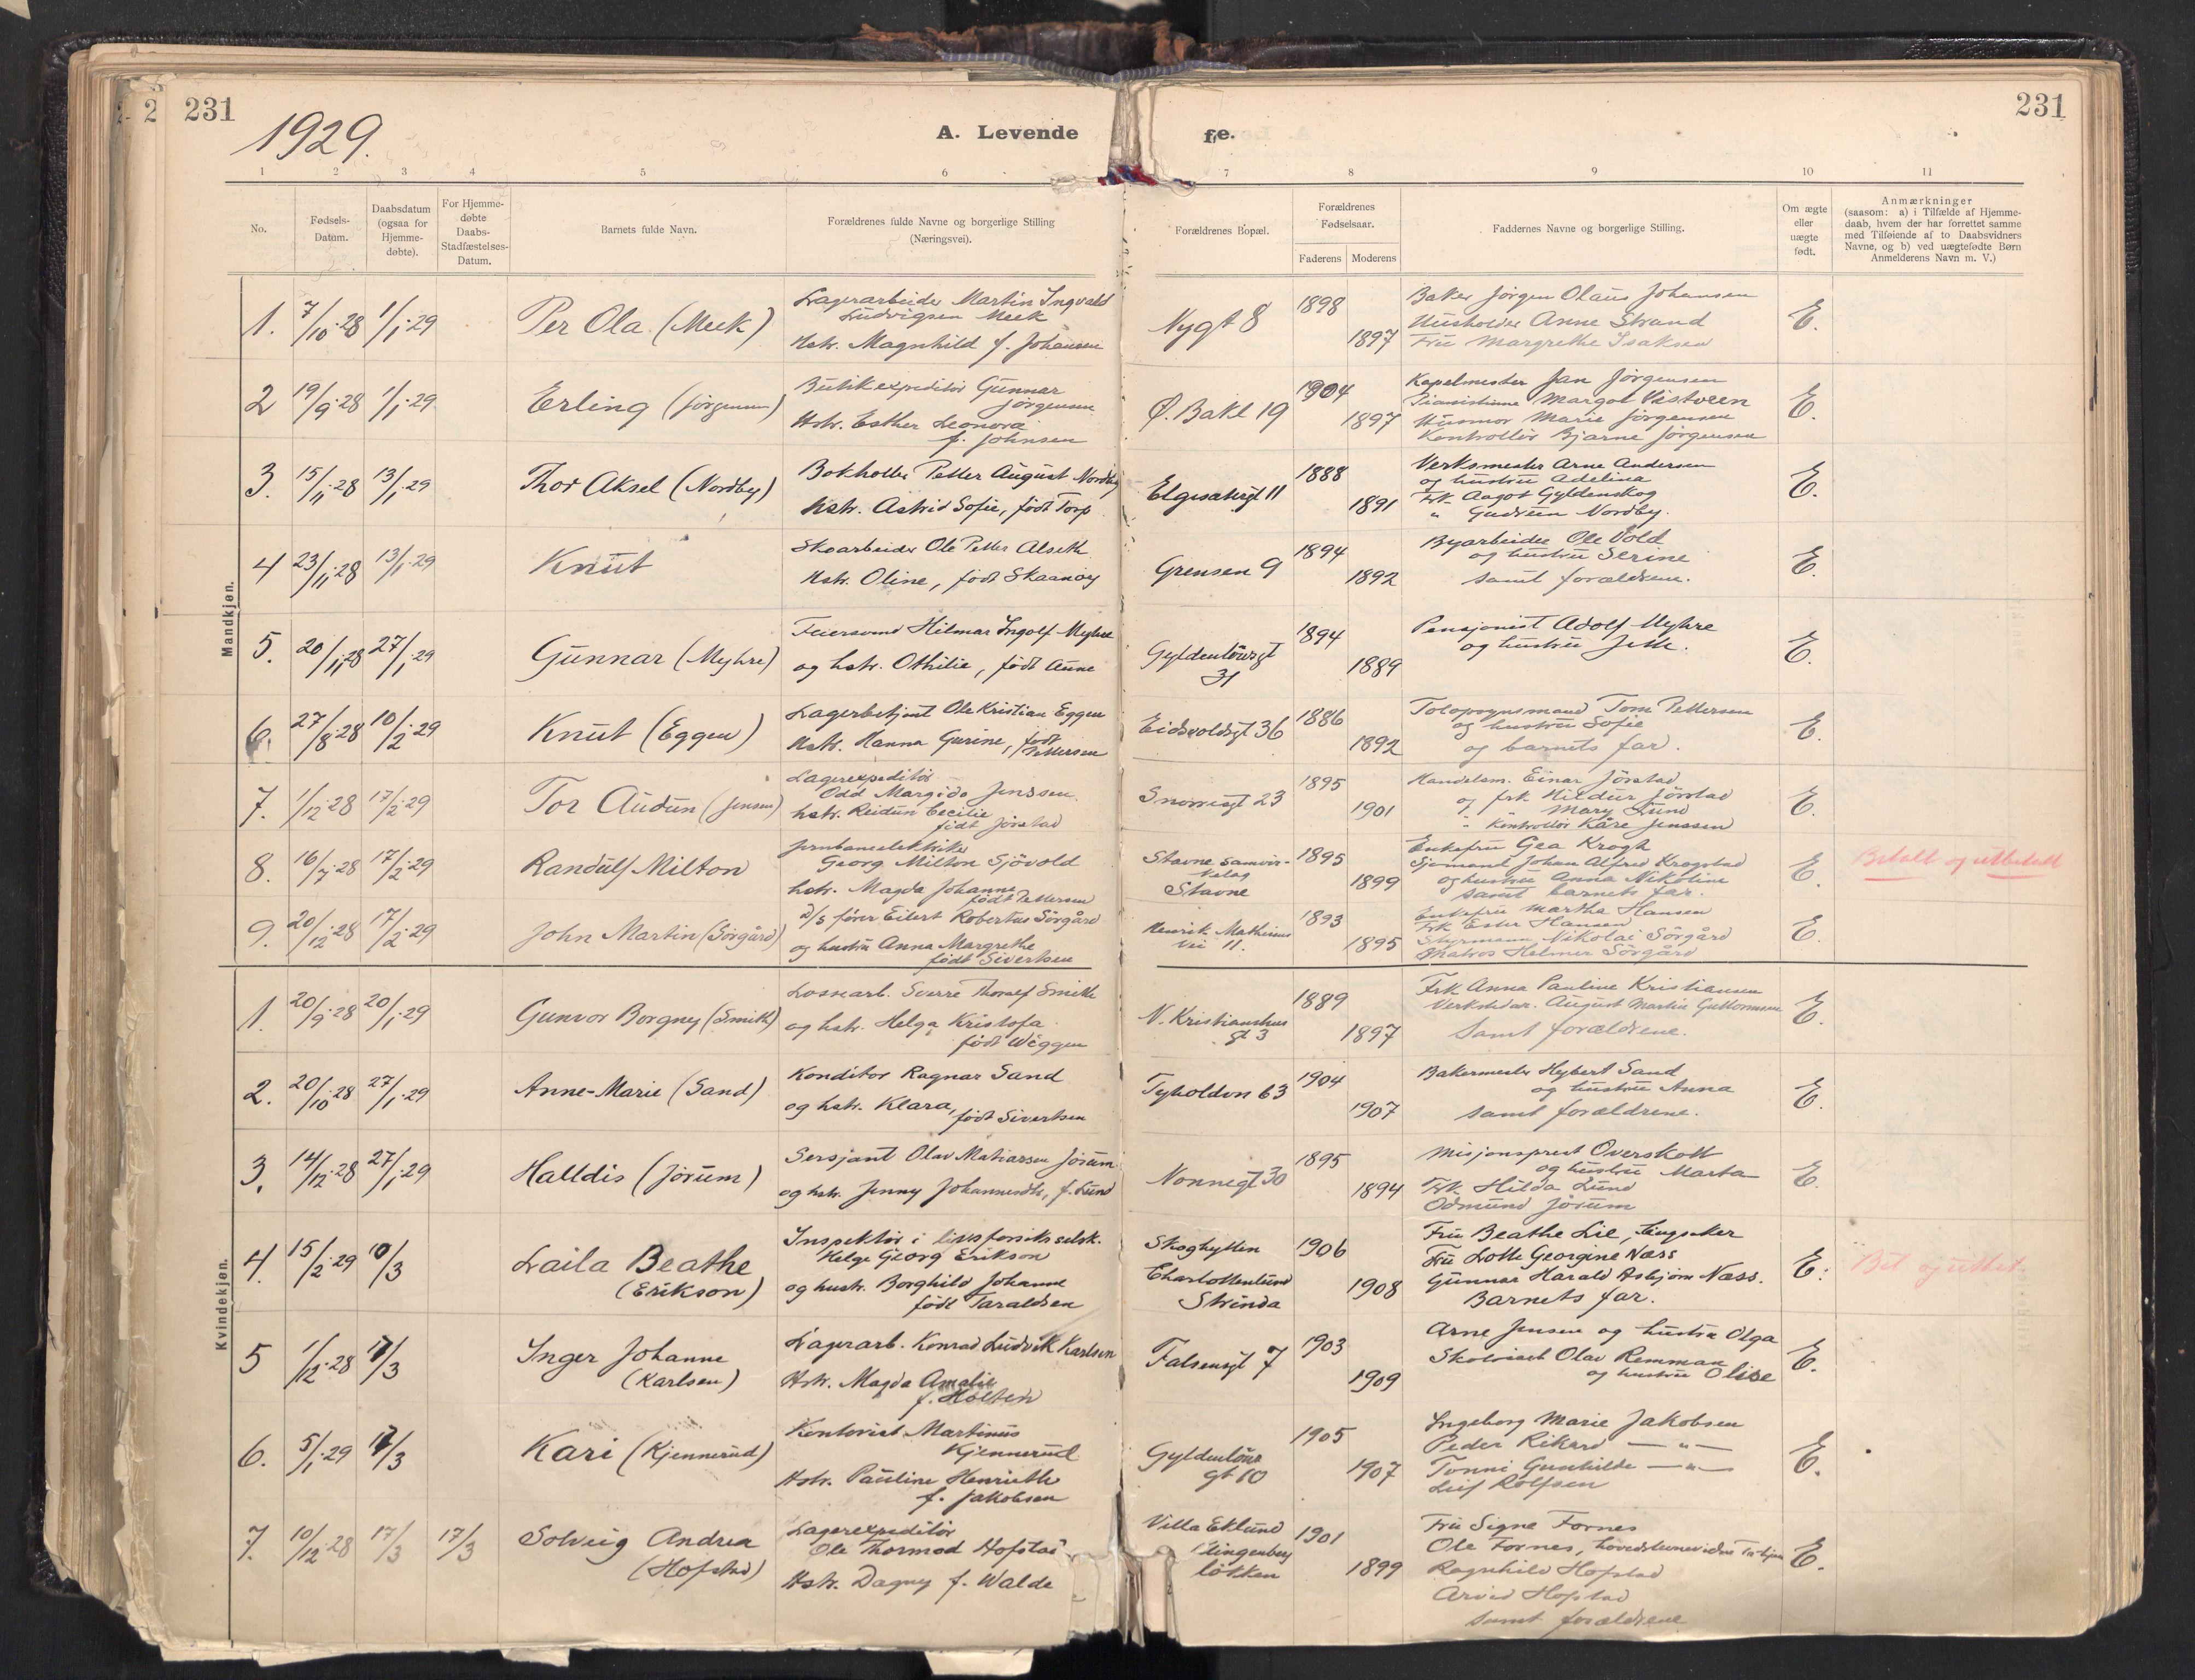 SAT, Ministerialprotokoller, klokkerbøker og fødselsregistre - Sør-Trøndelag, 604/L0205: Ministerialbok nr. 604A25, 1917-1932, s. 231